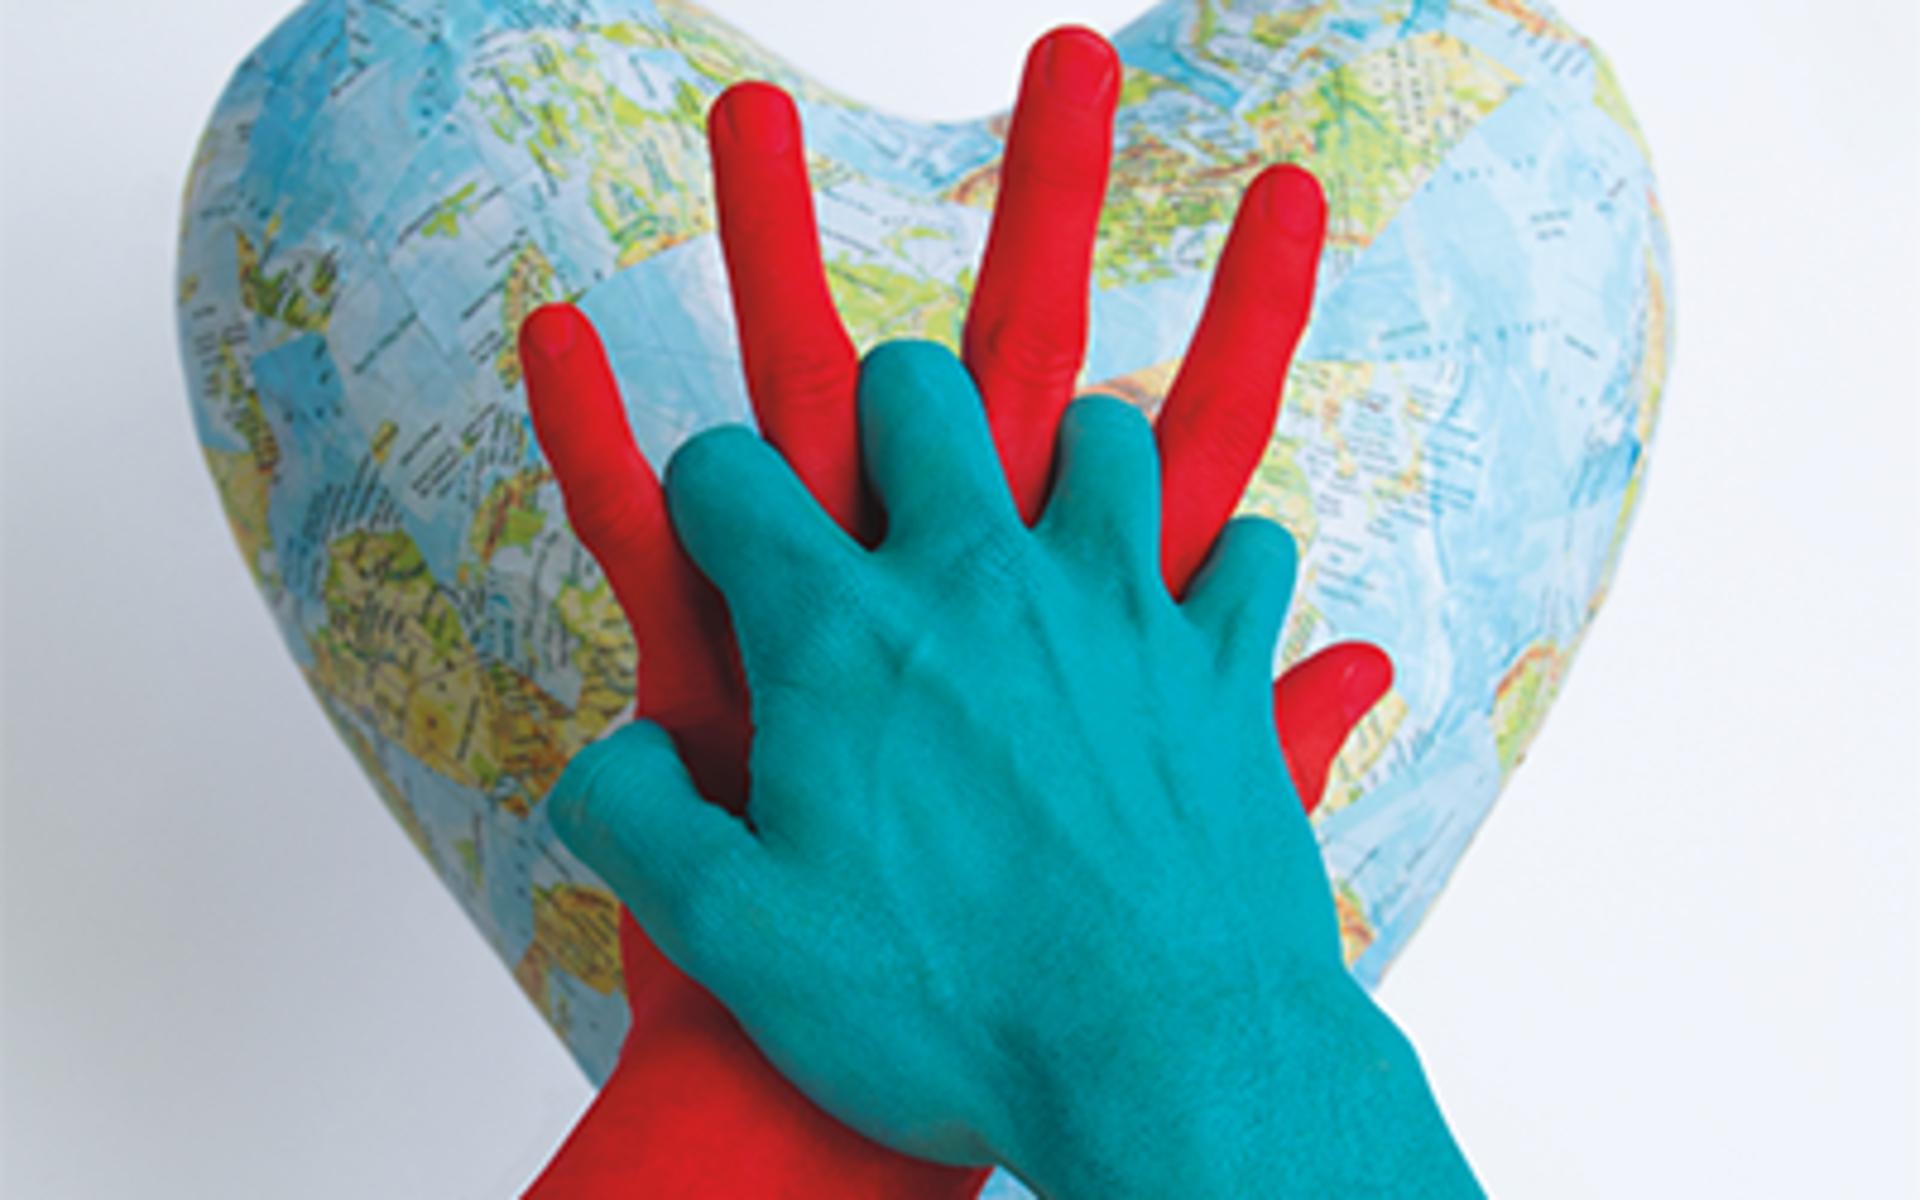 Παγκόσμια Ημέρα Επανακκίνησης Καρδιάς: Καθιερώθηκε το 2013